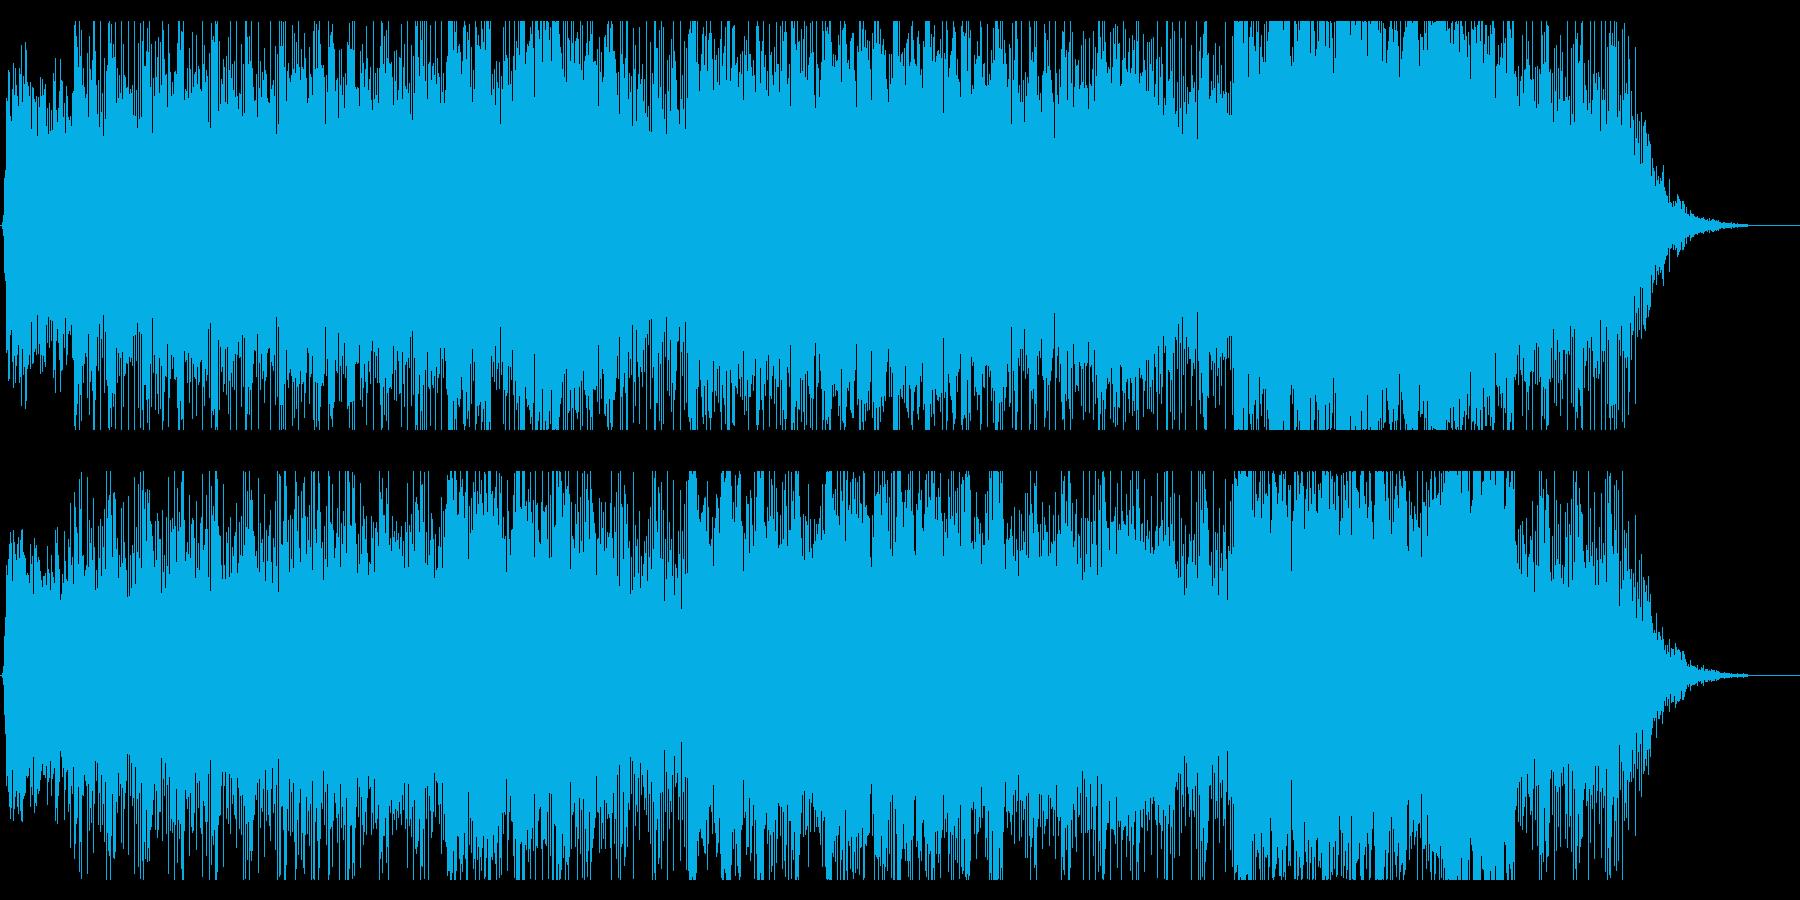 幻想的で異国感のあるヒーリング音楽の再生済みの波形